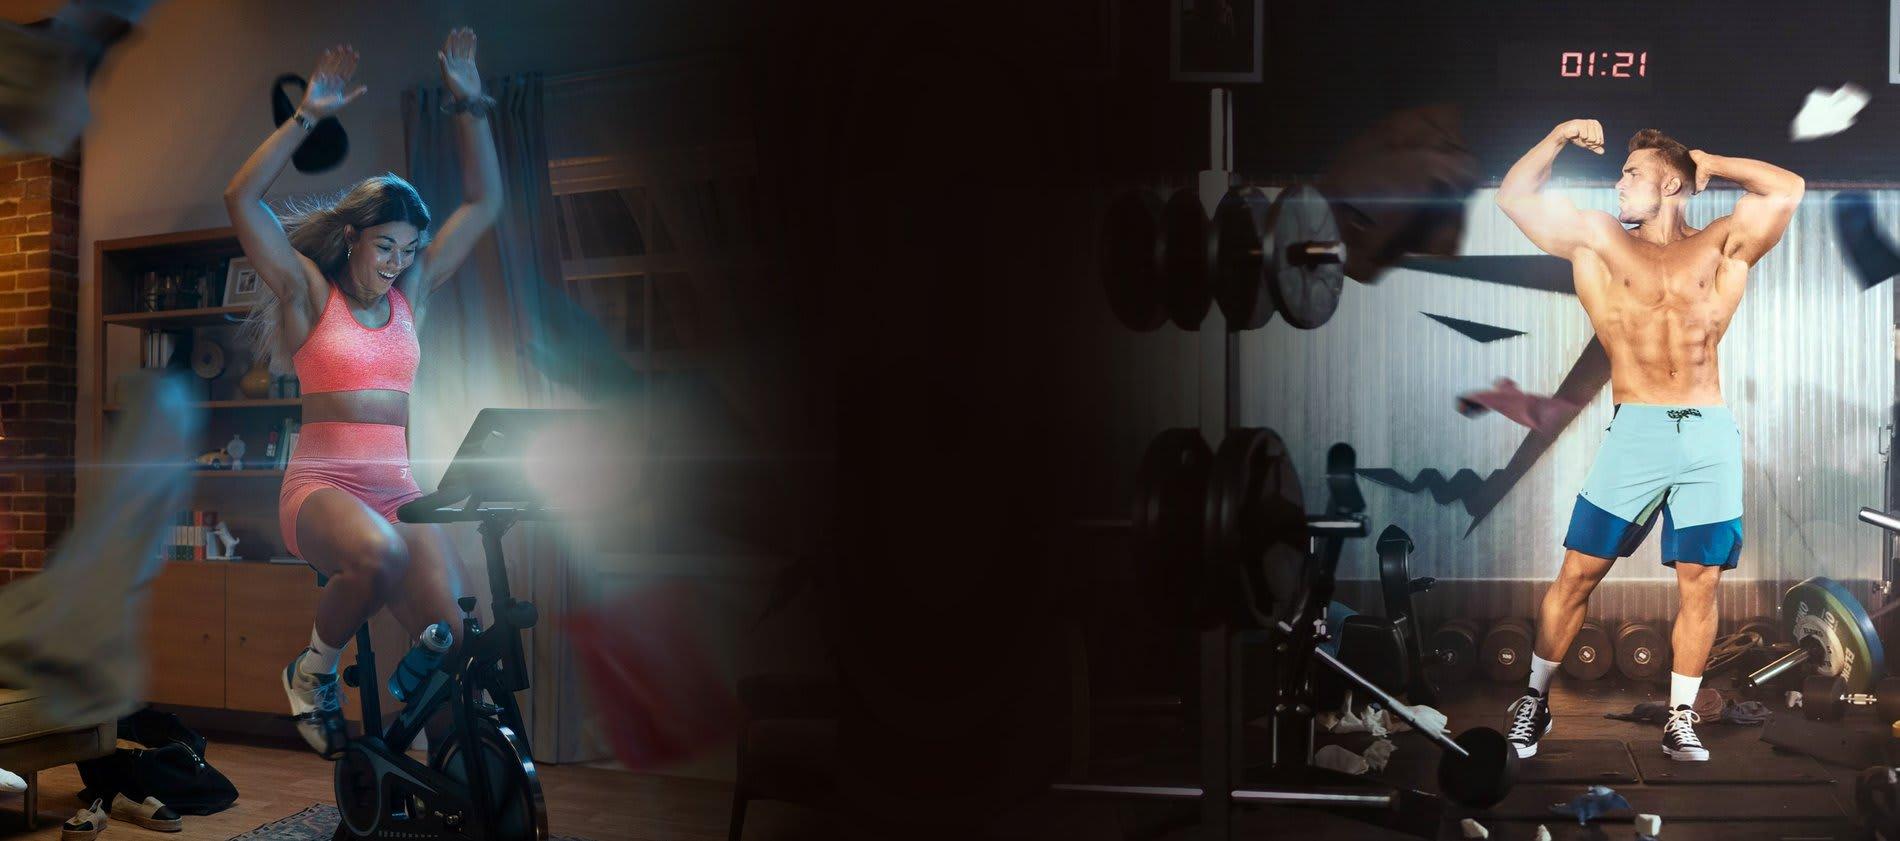 Jade Packer draagt Vital Seamless op een hometrainer in een woonkamer en poserende Ryan Terry in een zwembroek in de gym.